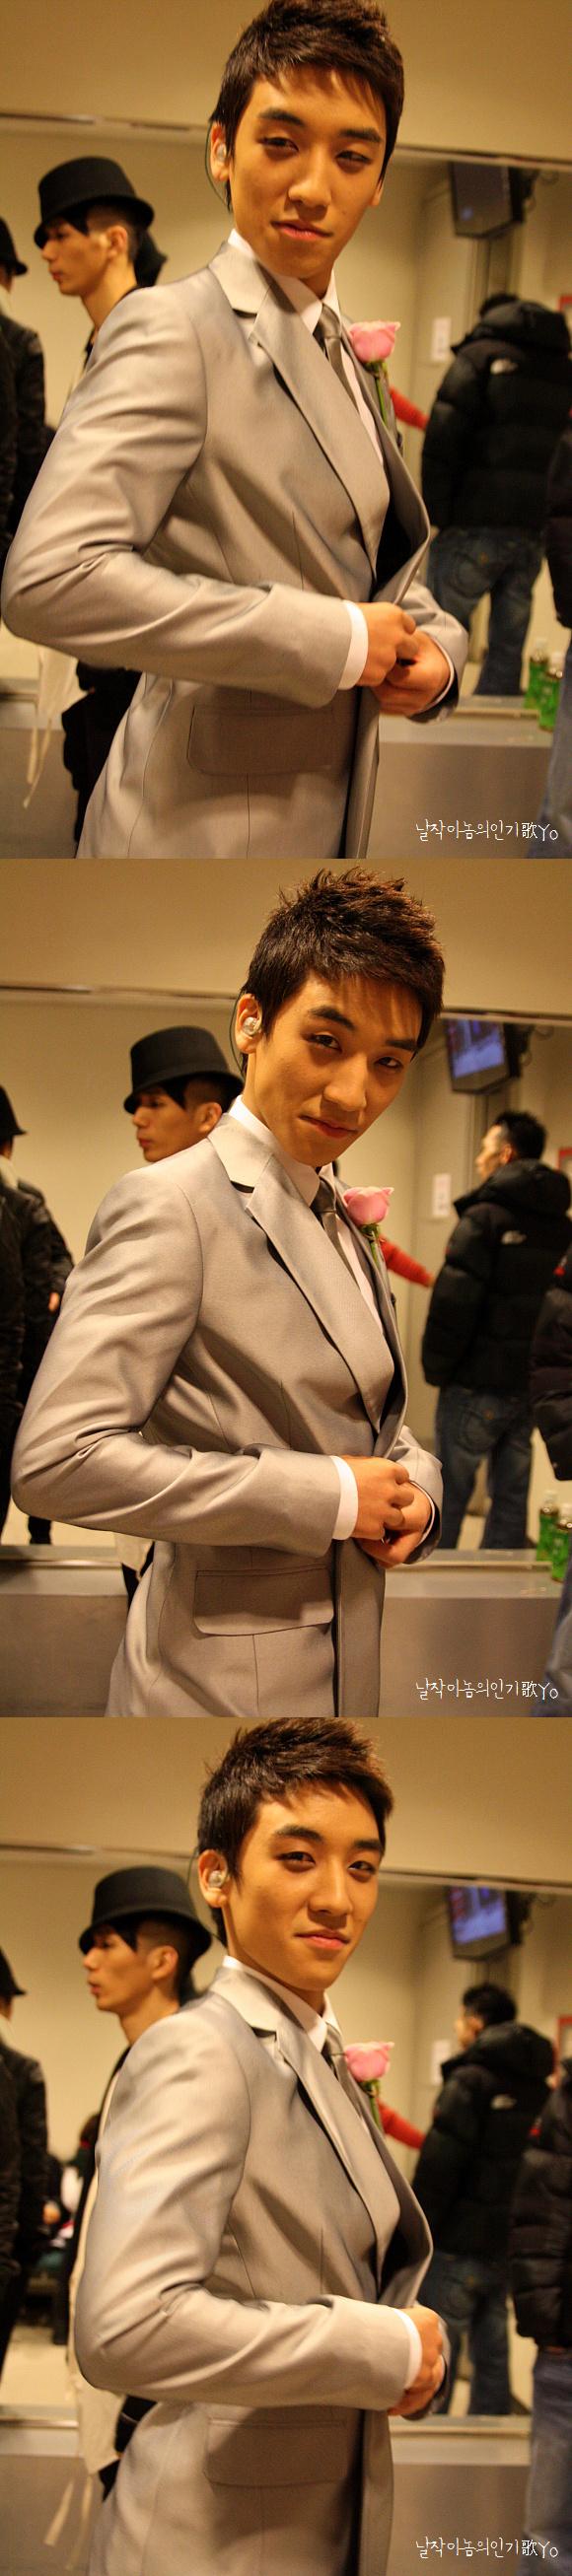 SV 20090111 in SBS inkigayo 01